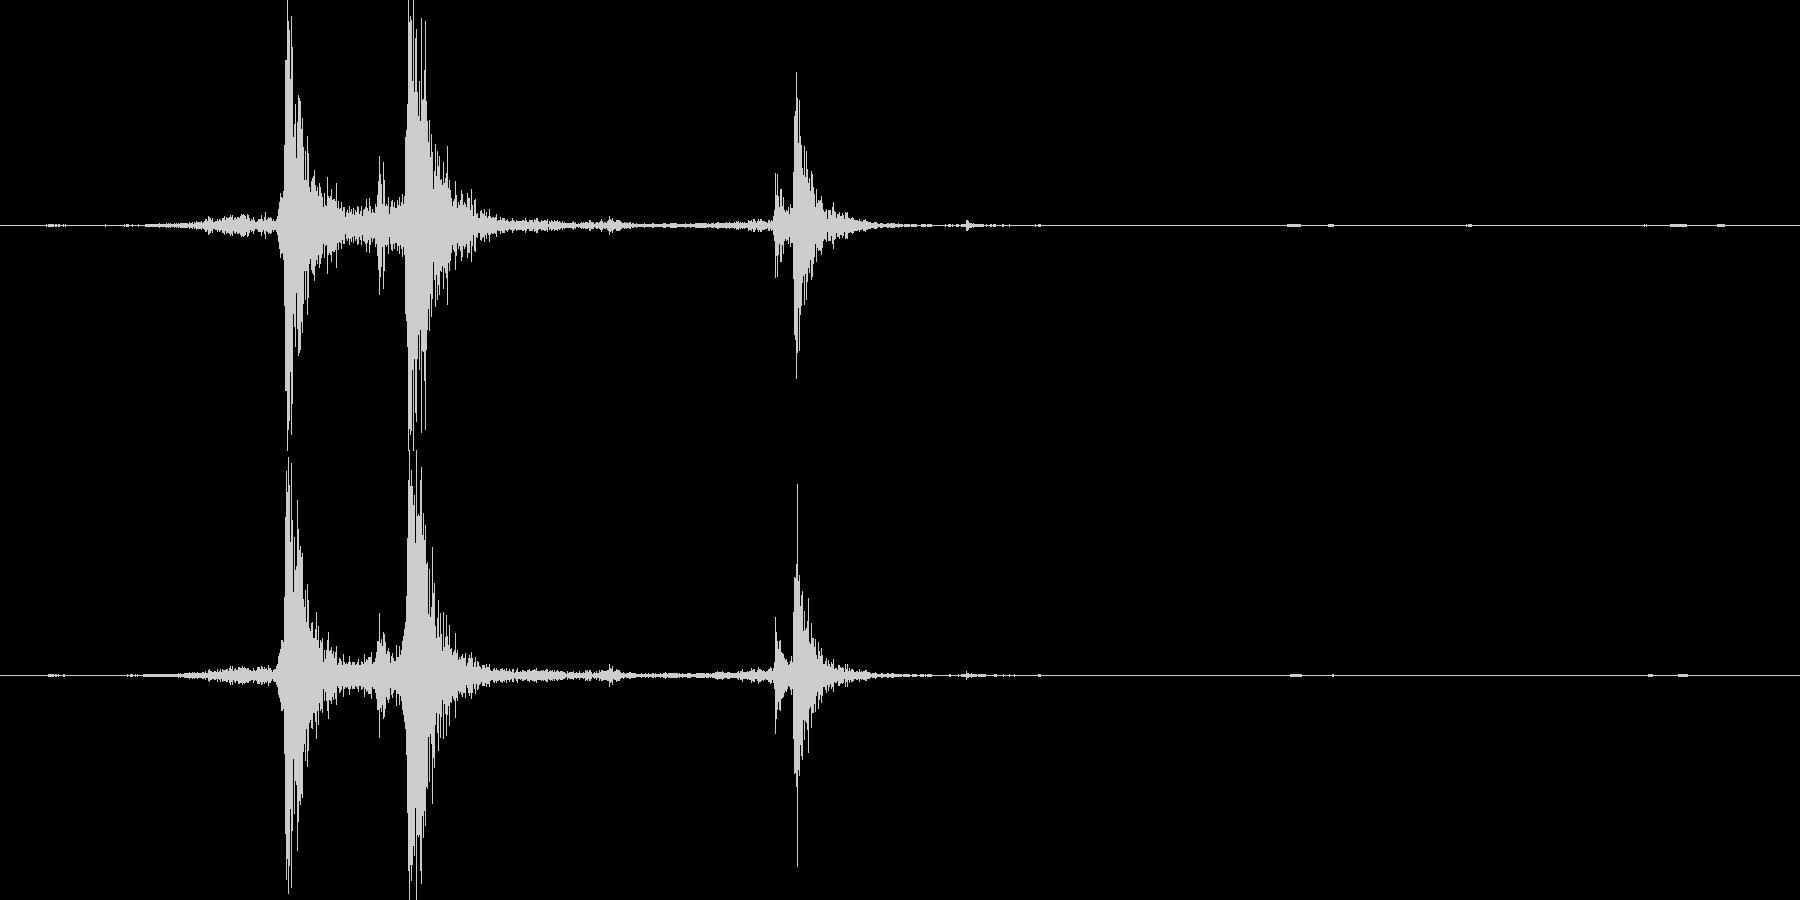 【機械/ロボット系011】カシャン3の未再生の波形